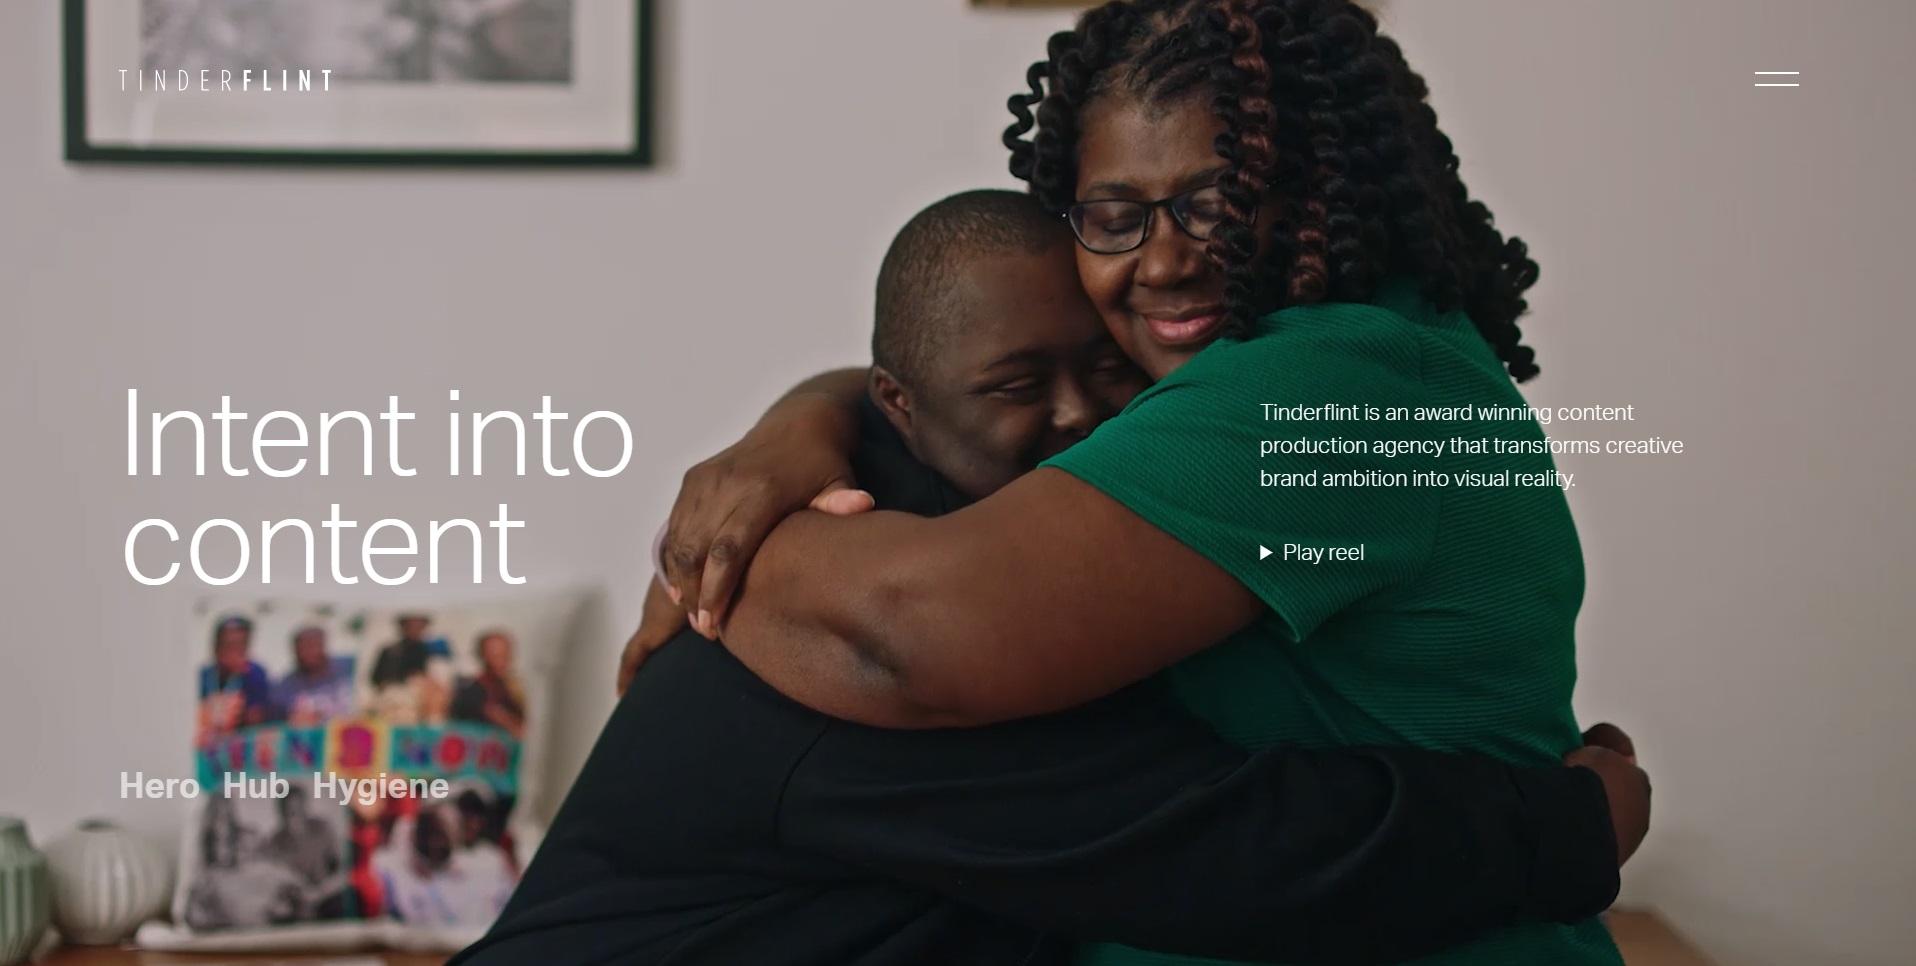 Tinderflint gebruikt veel video op hun website